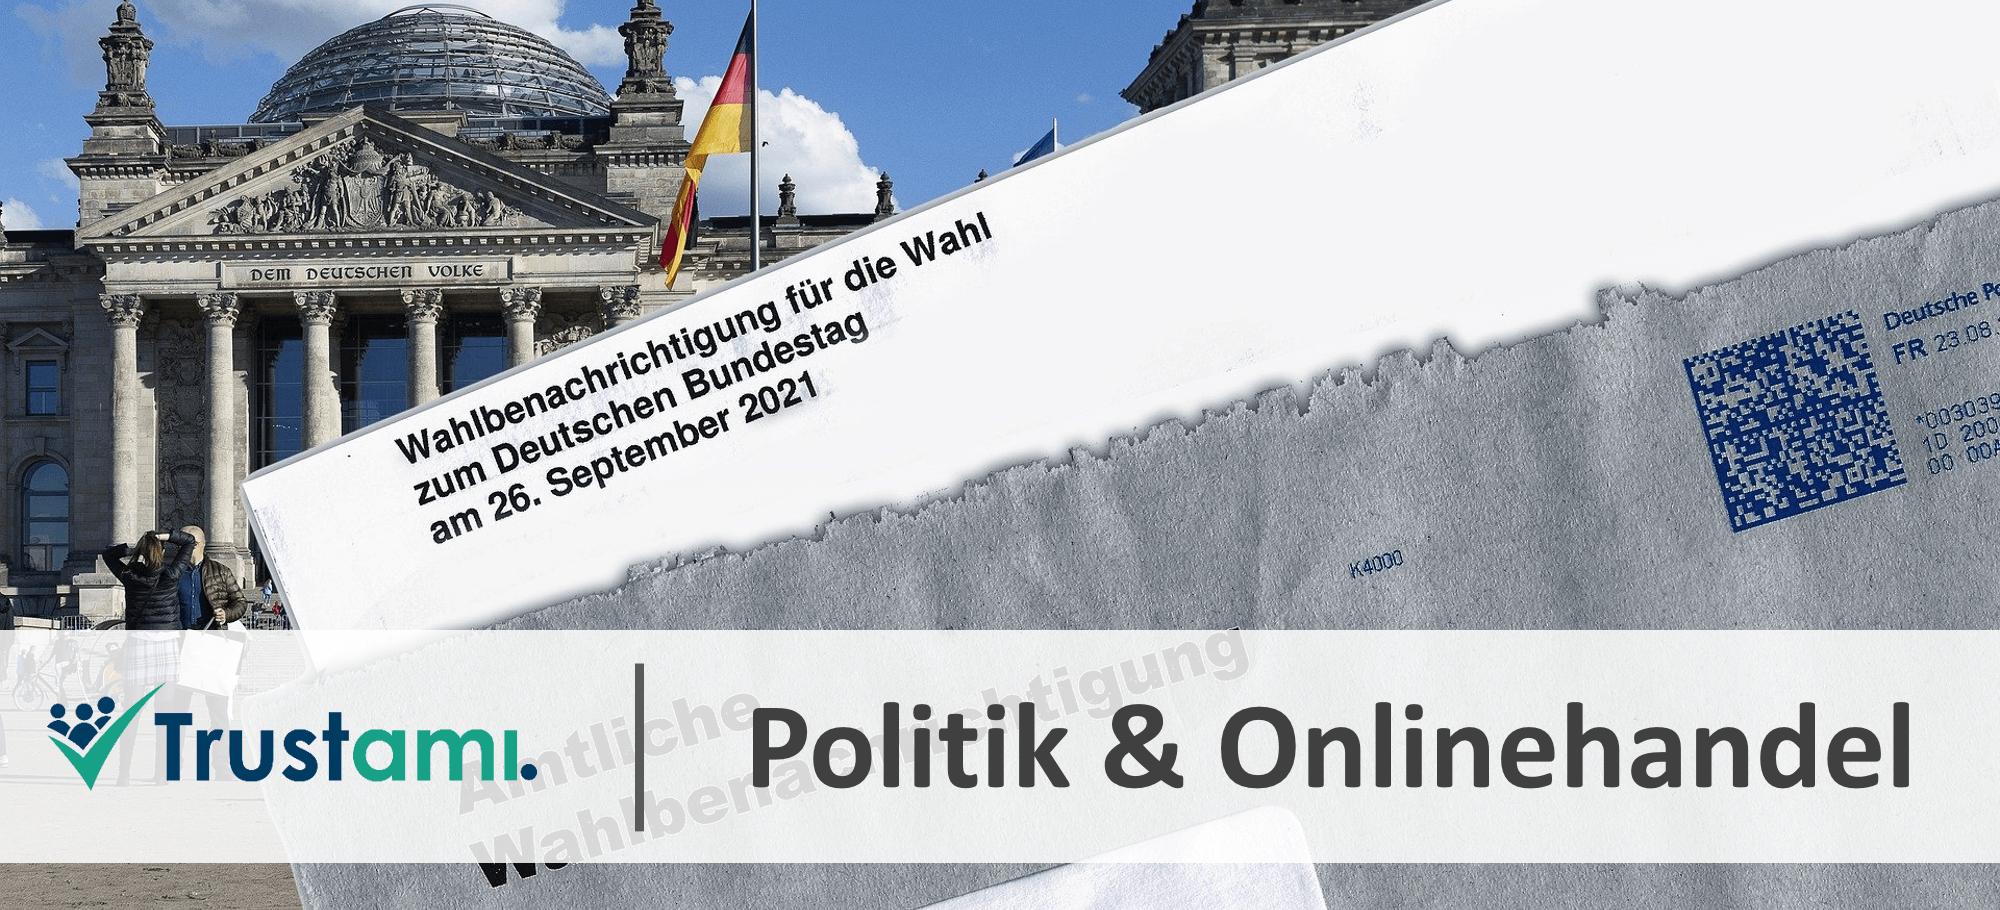 Bundestagswahl 2021 Onlinehandel Politik